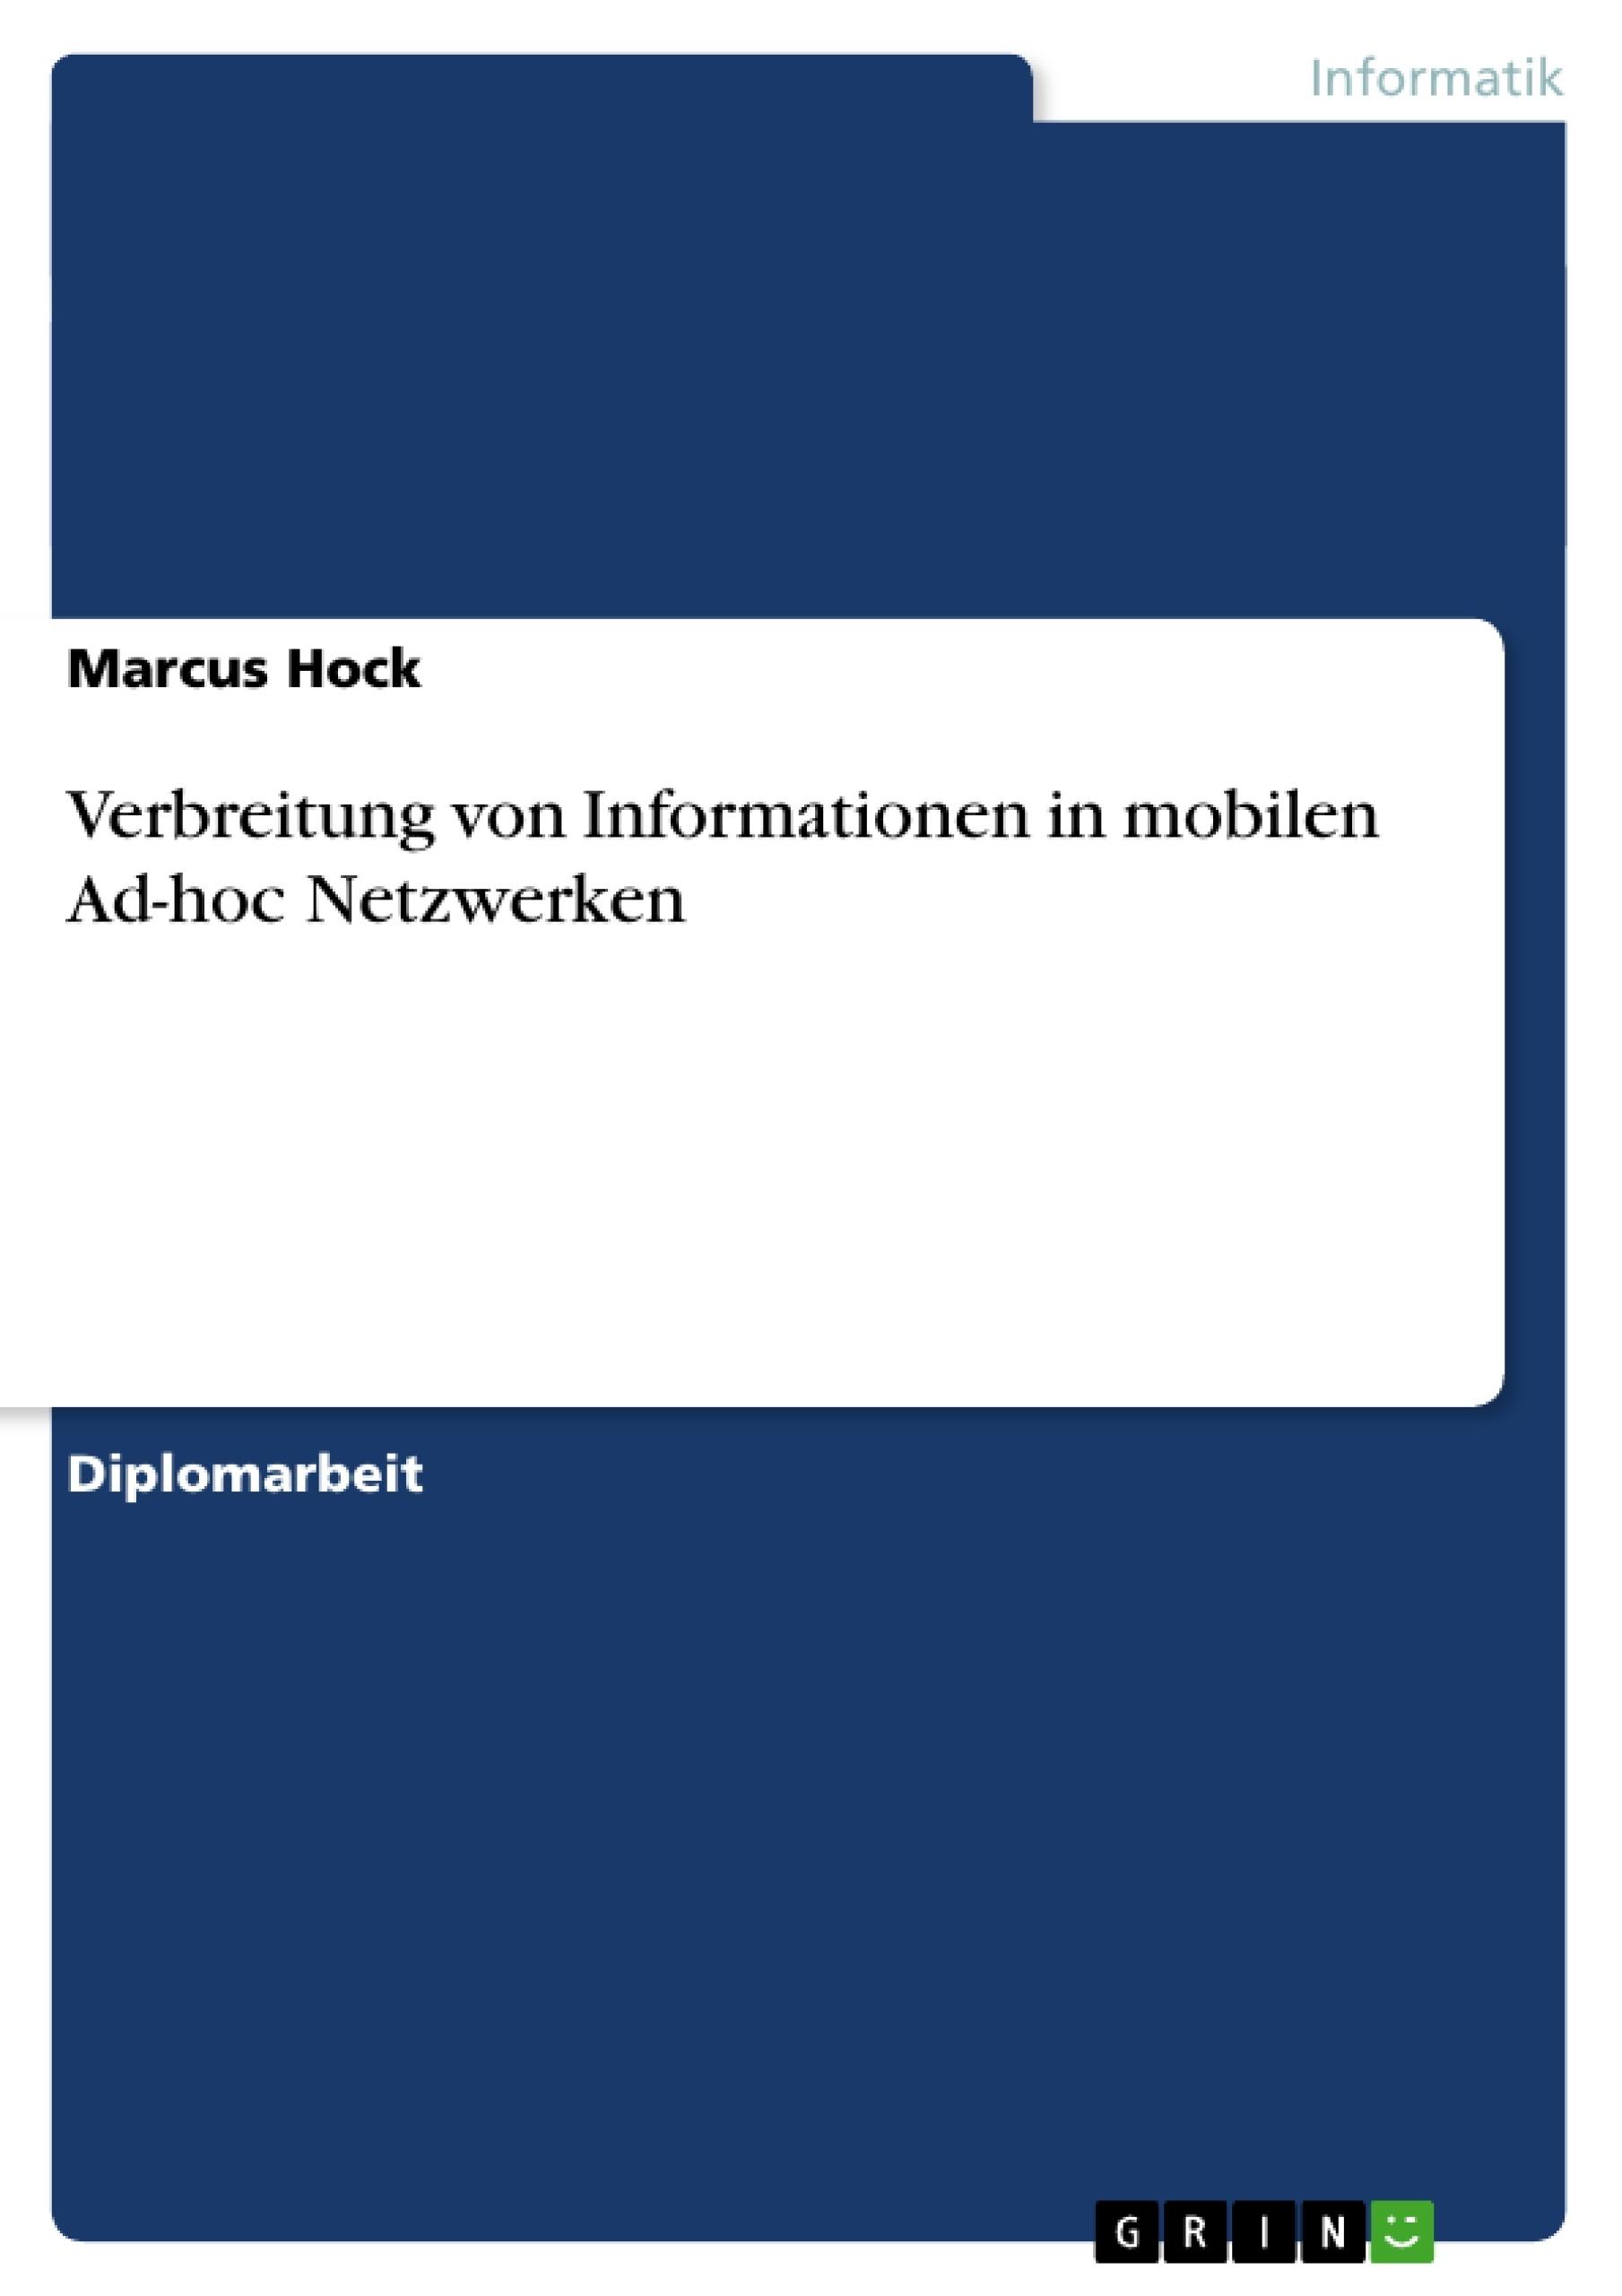 Titel: Verbreitung von Informationen in mobilen Ad-hoc Netzwerken